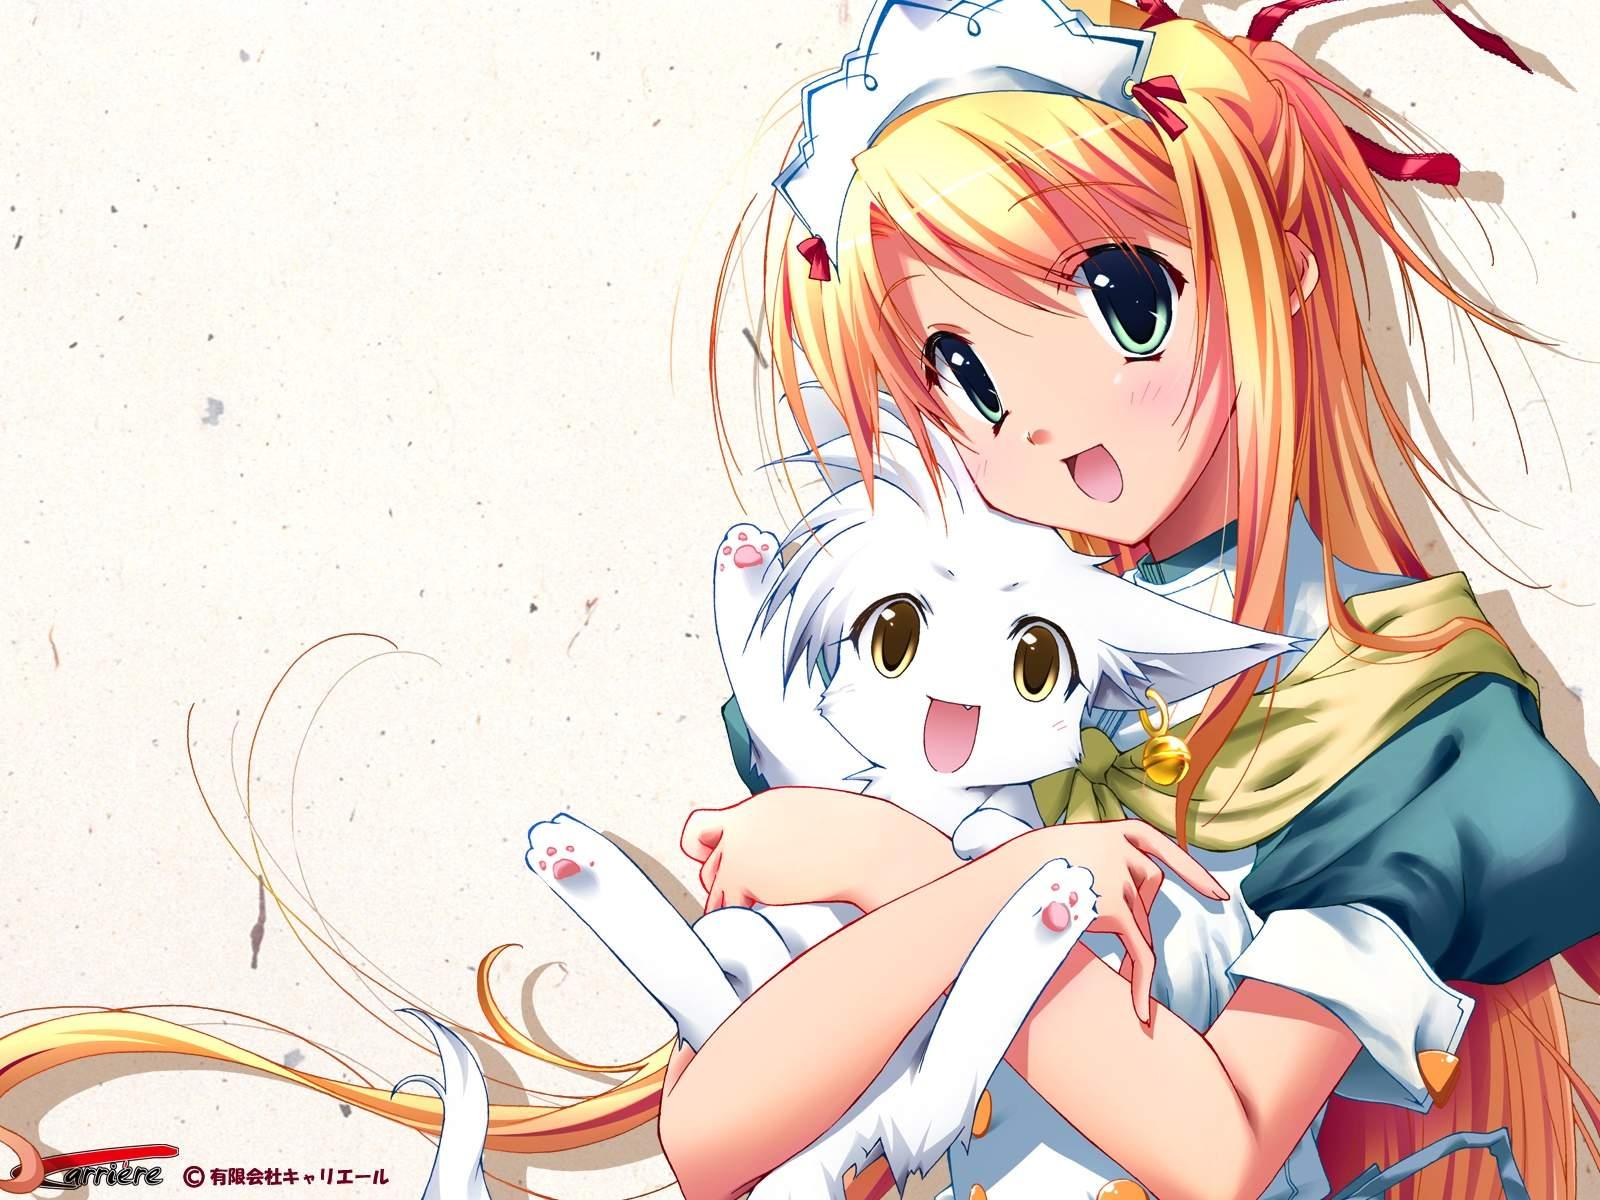 http://3.bp.blogspot.com/-XcKtHagXeAo/UHDDNBMym1I/AAAAAAAAAWY/6kFoz4vL7os/s1600/anime+wallpaper+14.jpg